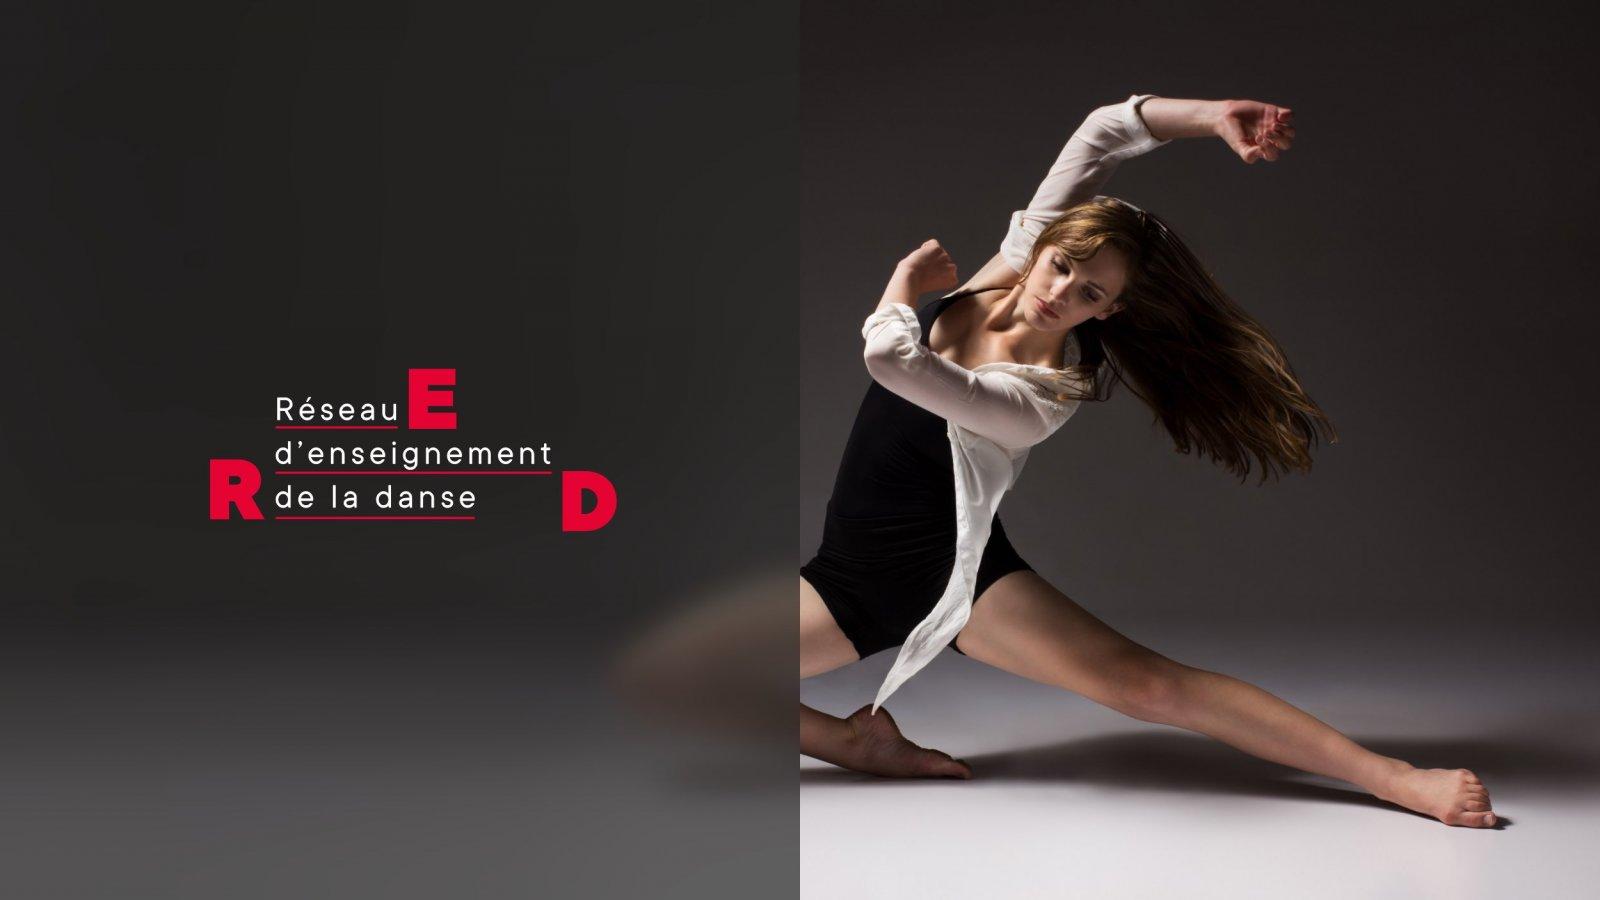 Le Réseau d'enseignement de la danse